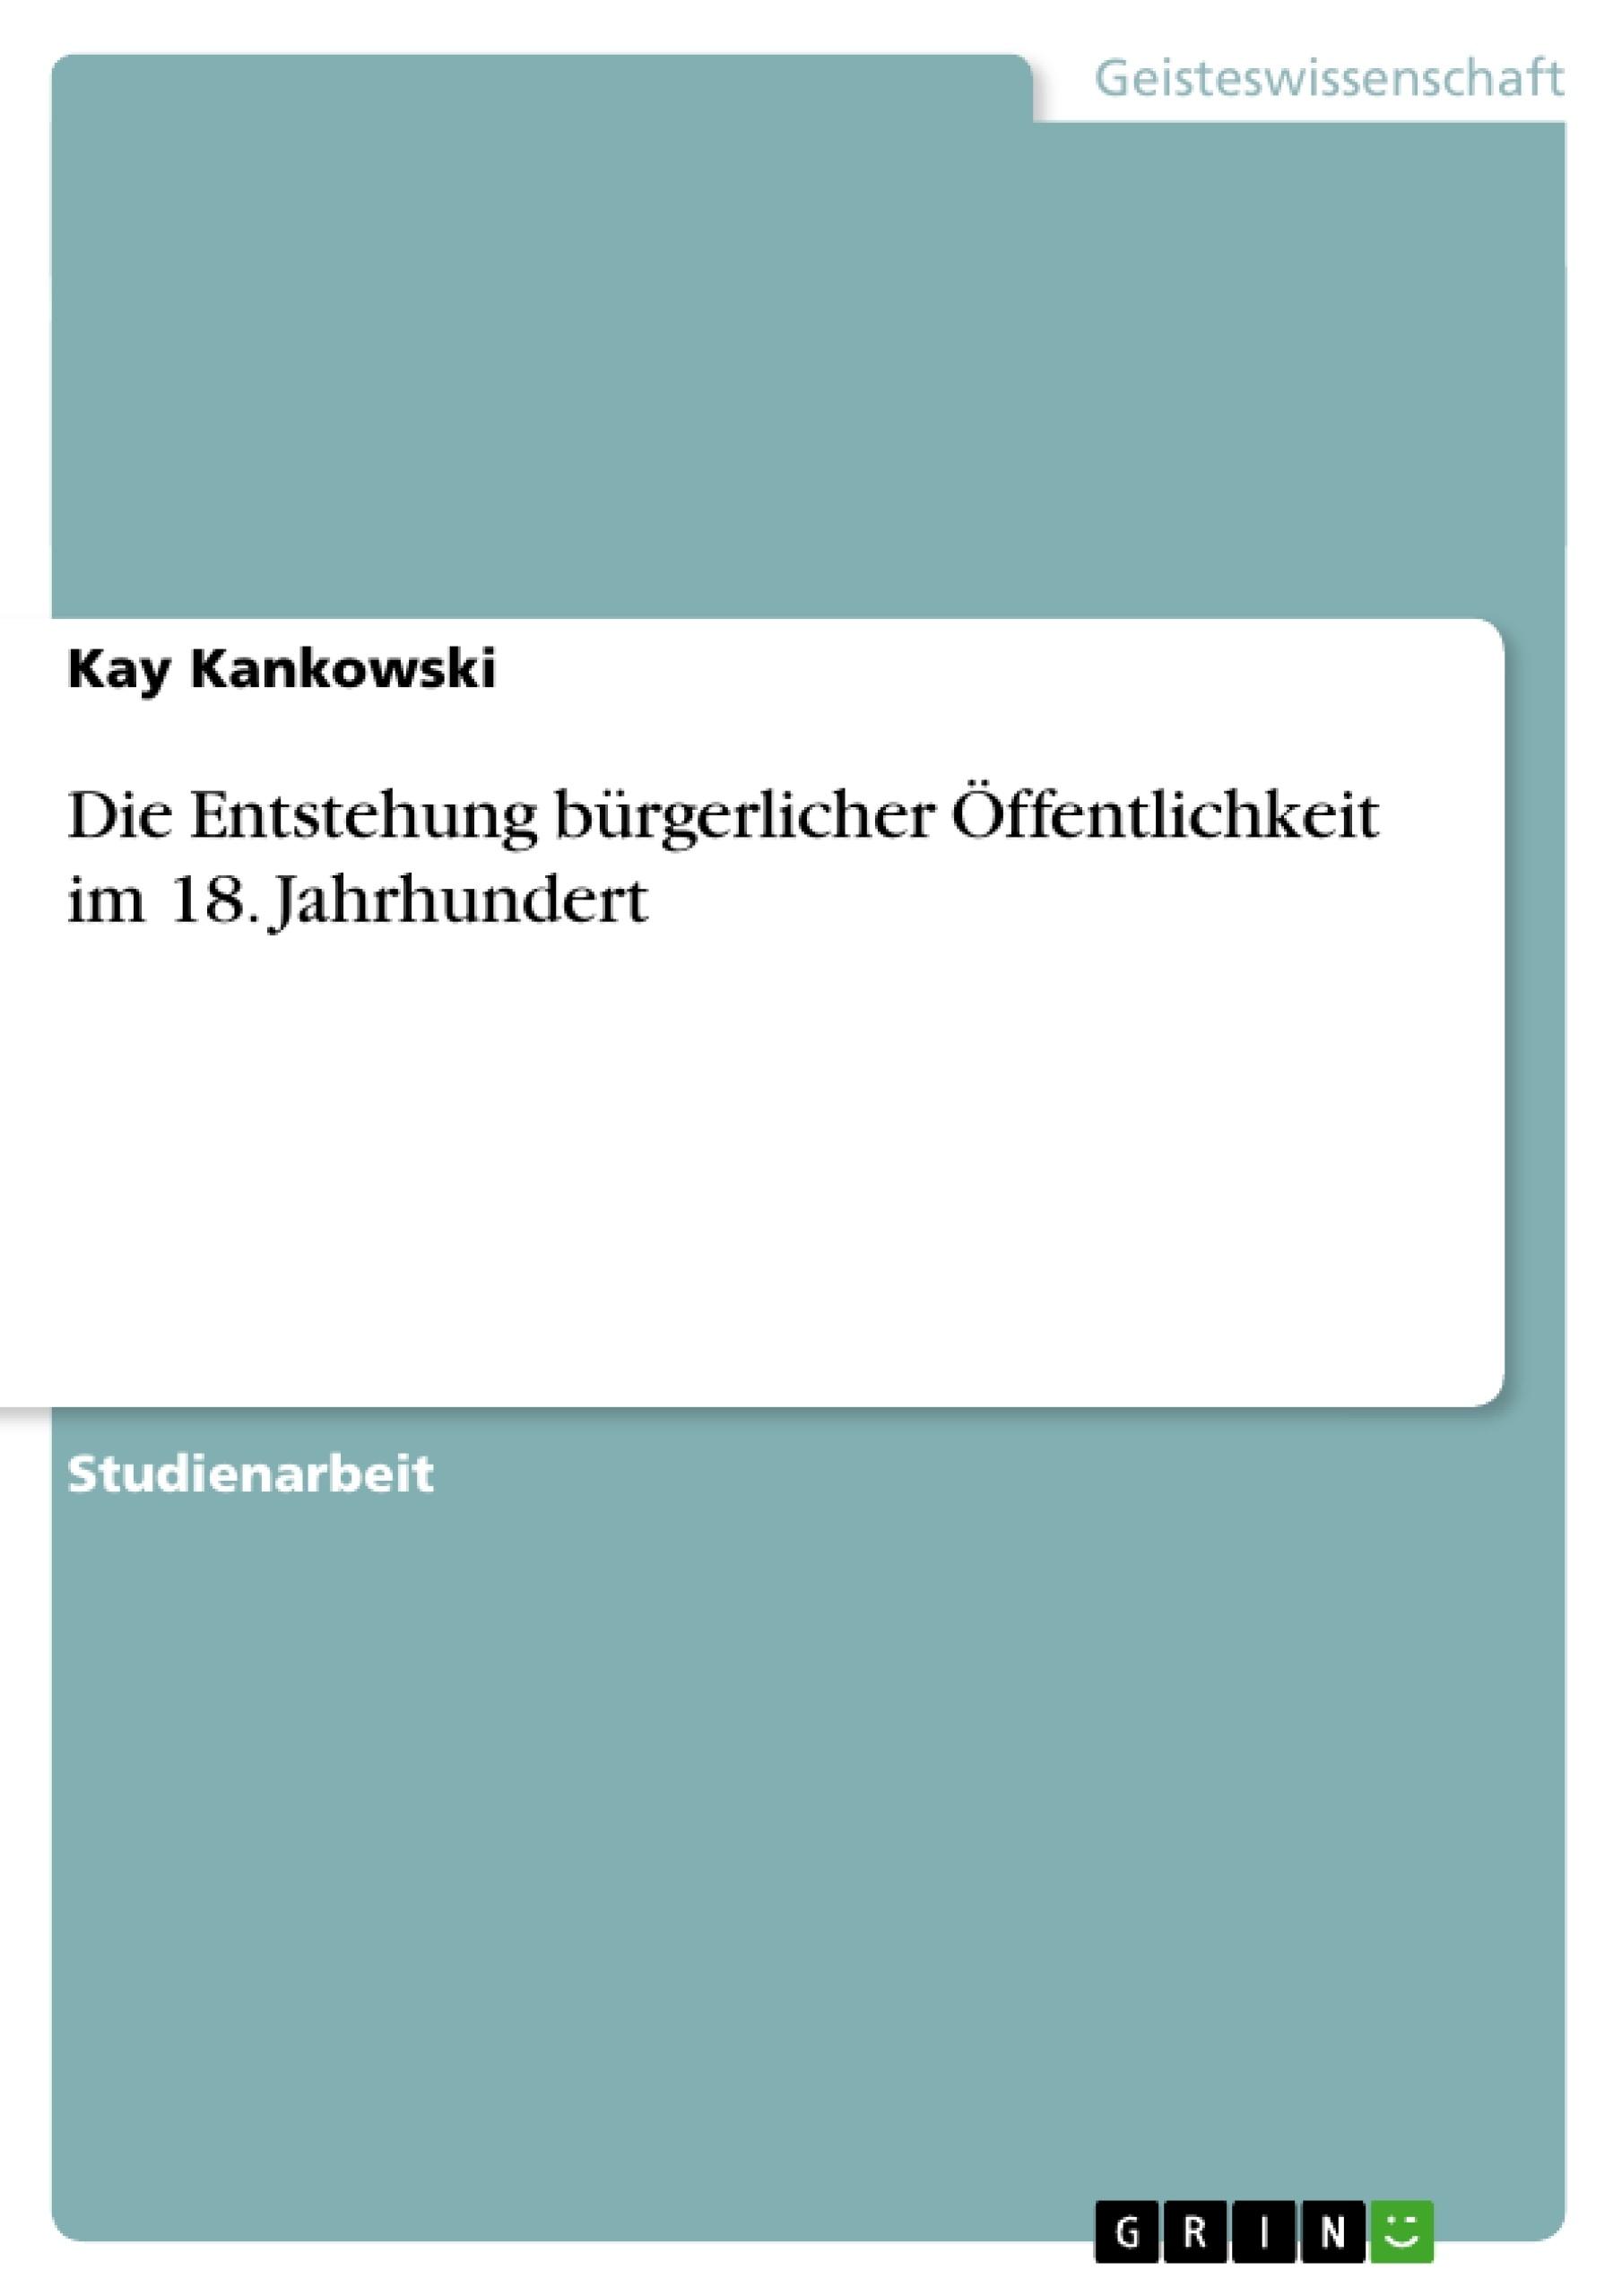 Titel: Die Entstehung bürgerlicher Öffentlichkeit im 18. Jahrhundert